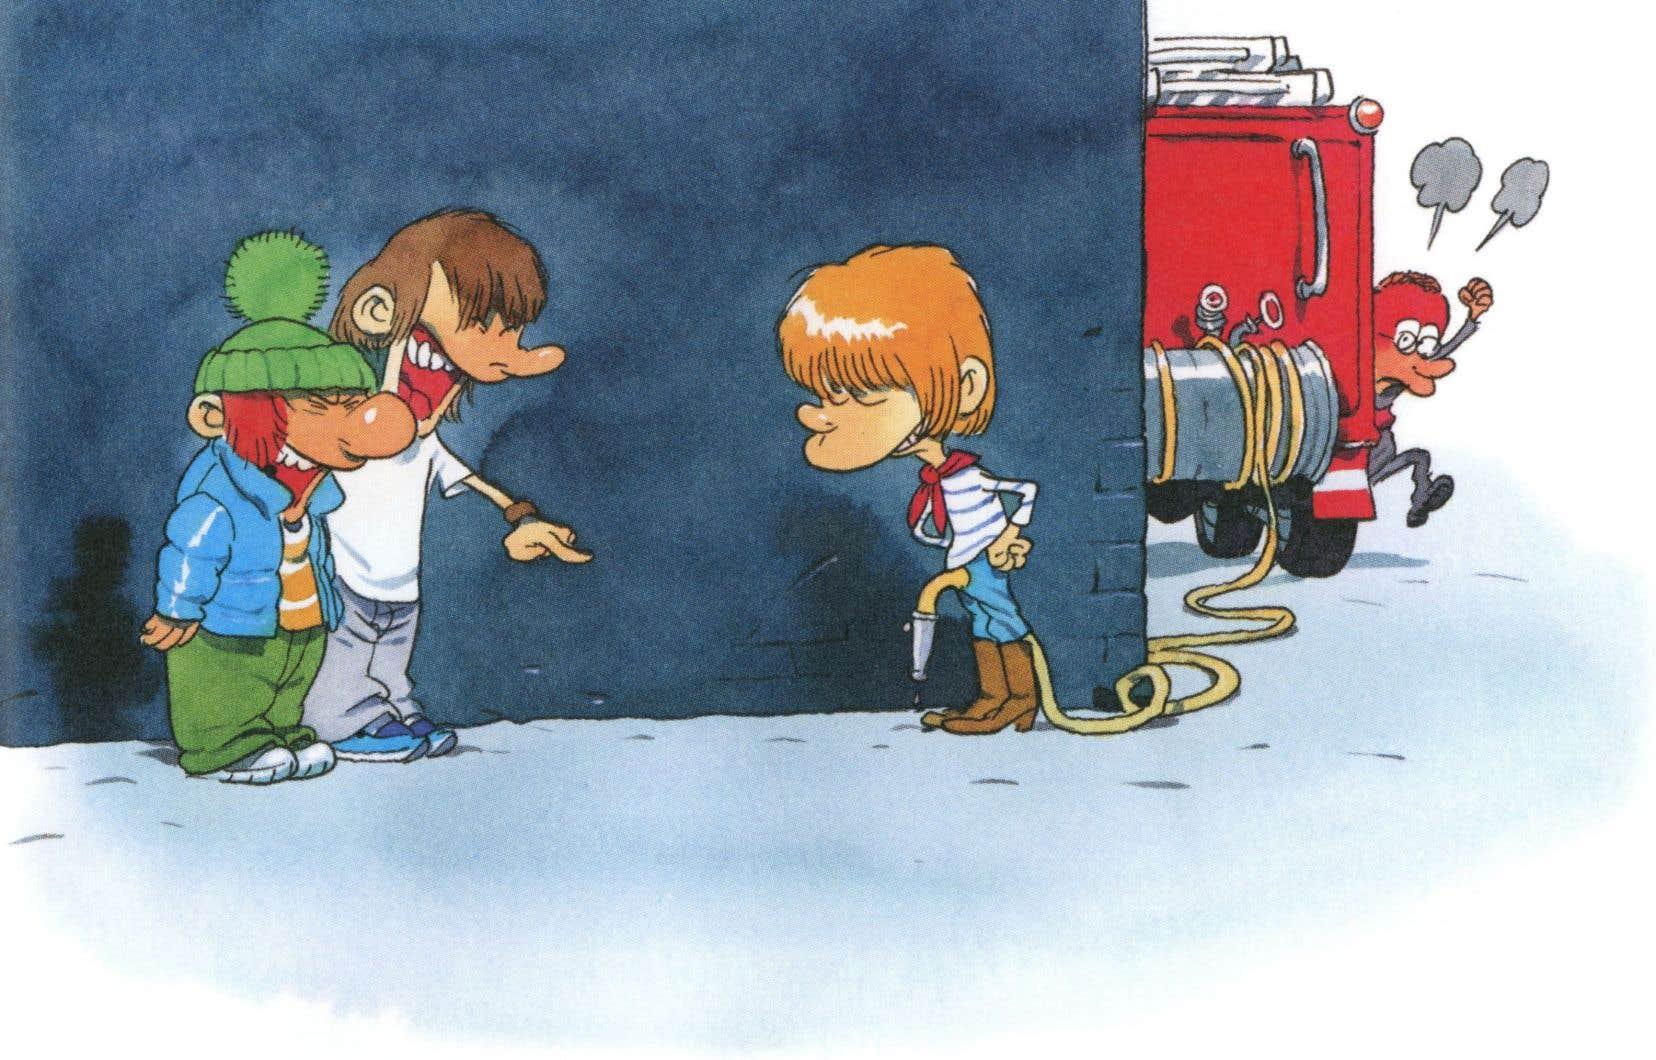 Images tirées du livre-album «Les mômes et les enfants d'abord», illustré par Zep